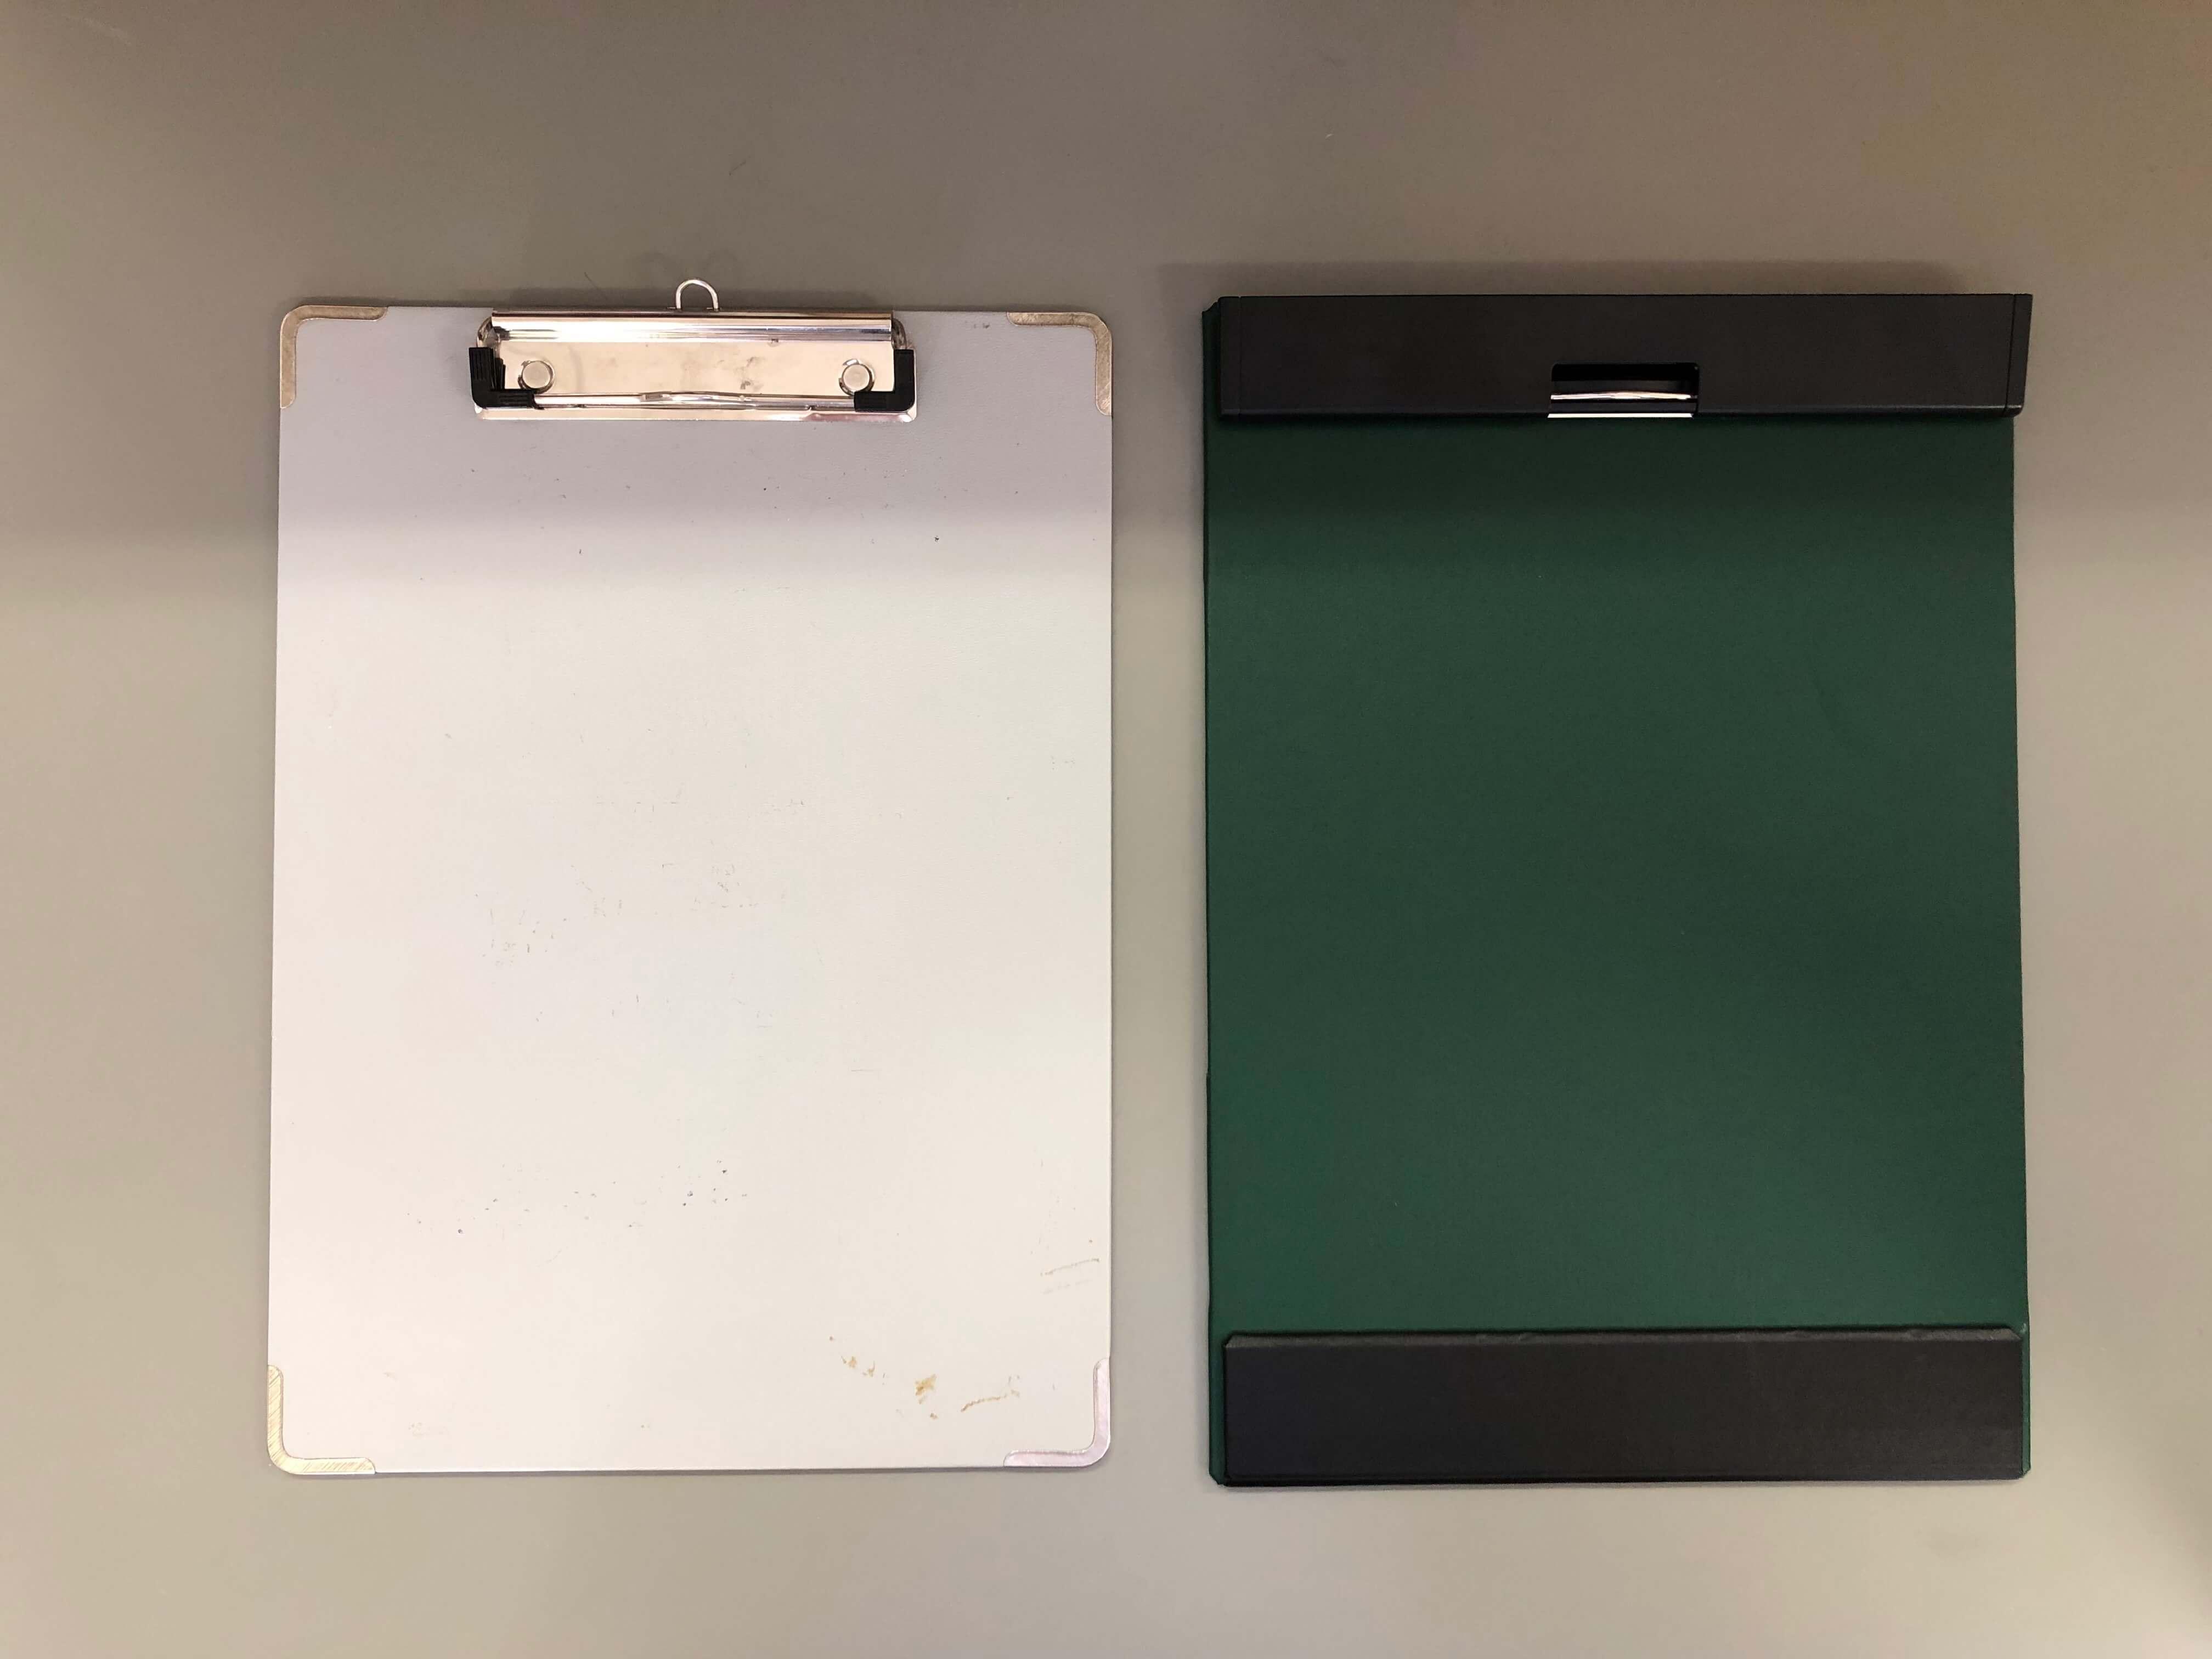 マグフラップのメリット・デメリット【普通のクリップボードと比較しつつ考察】